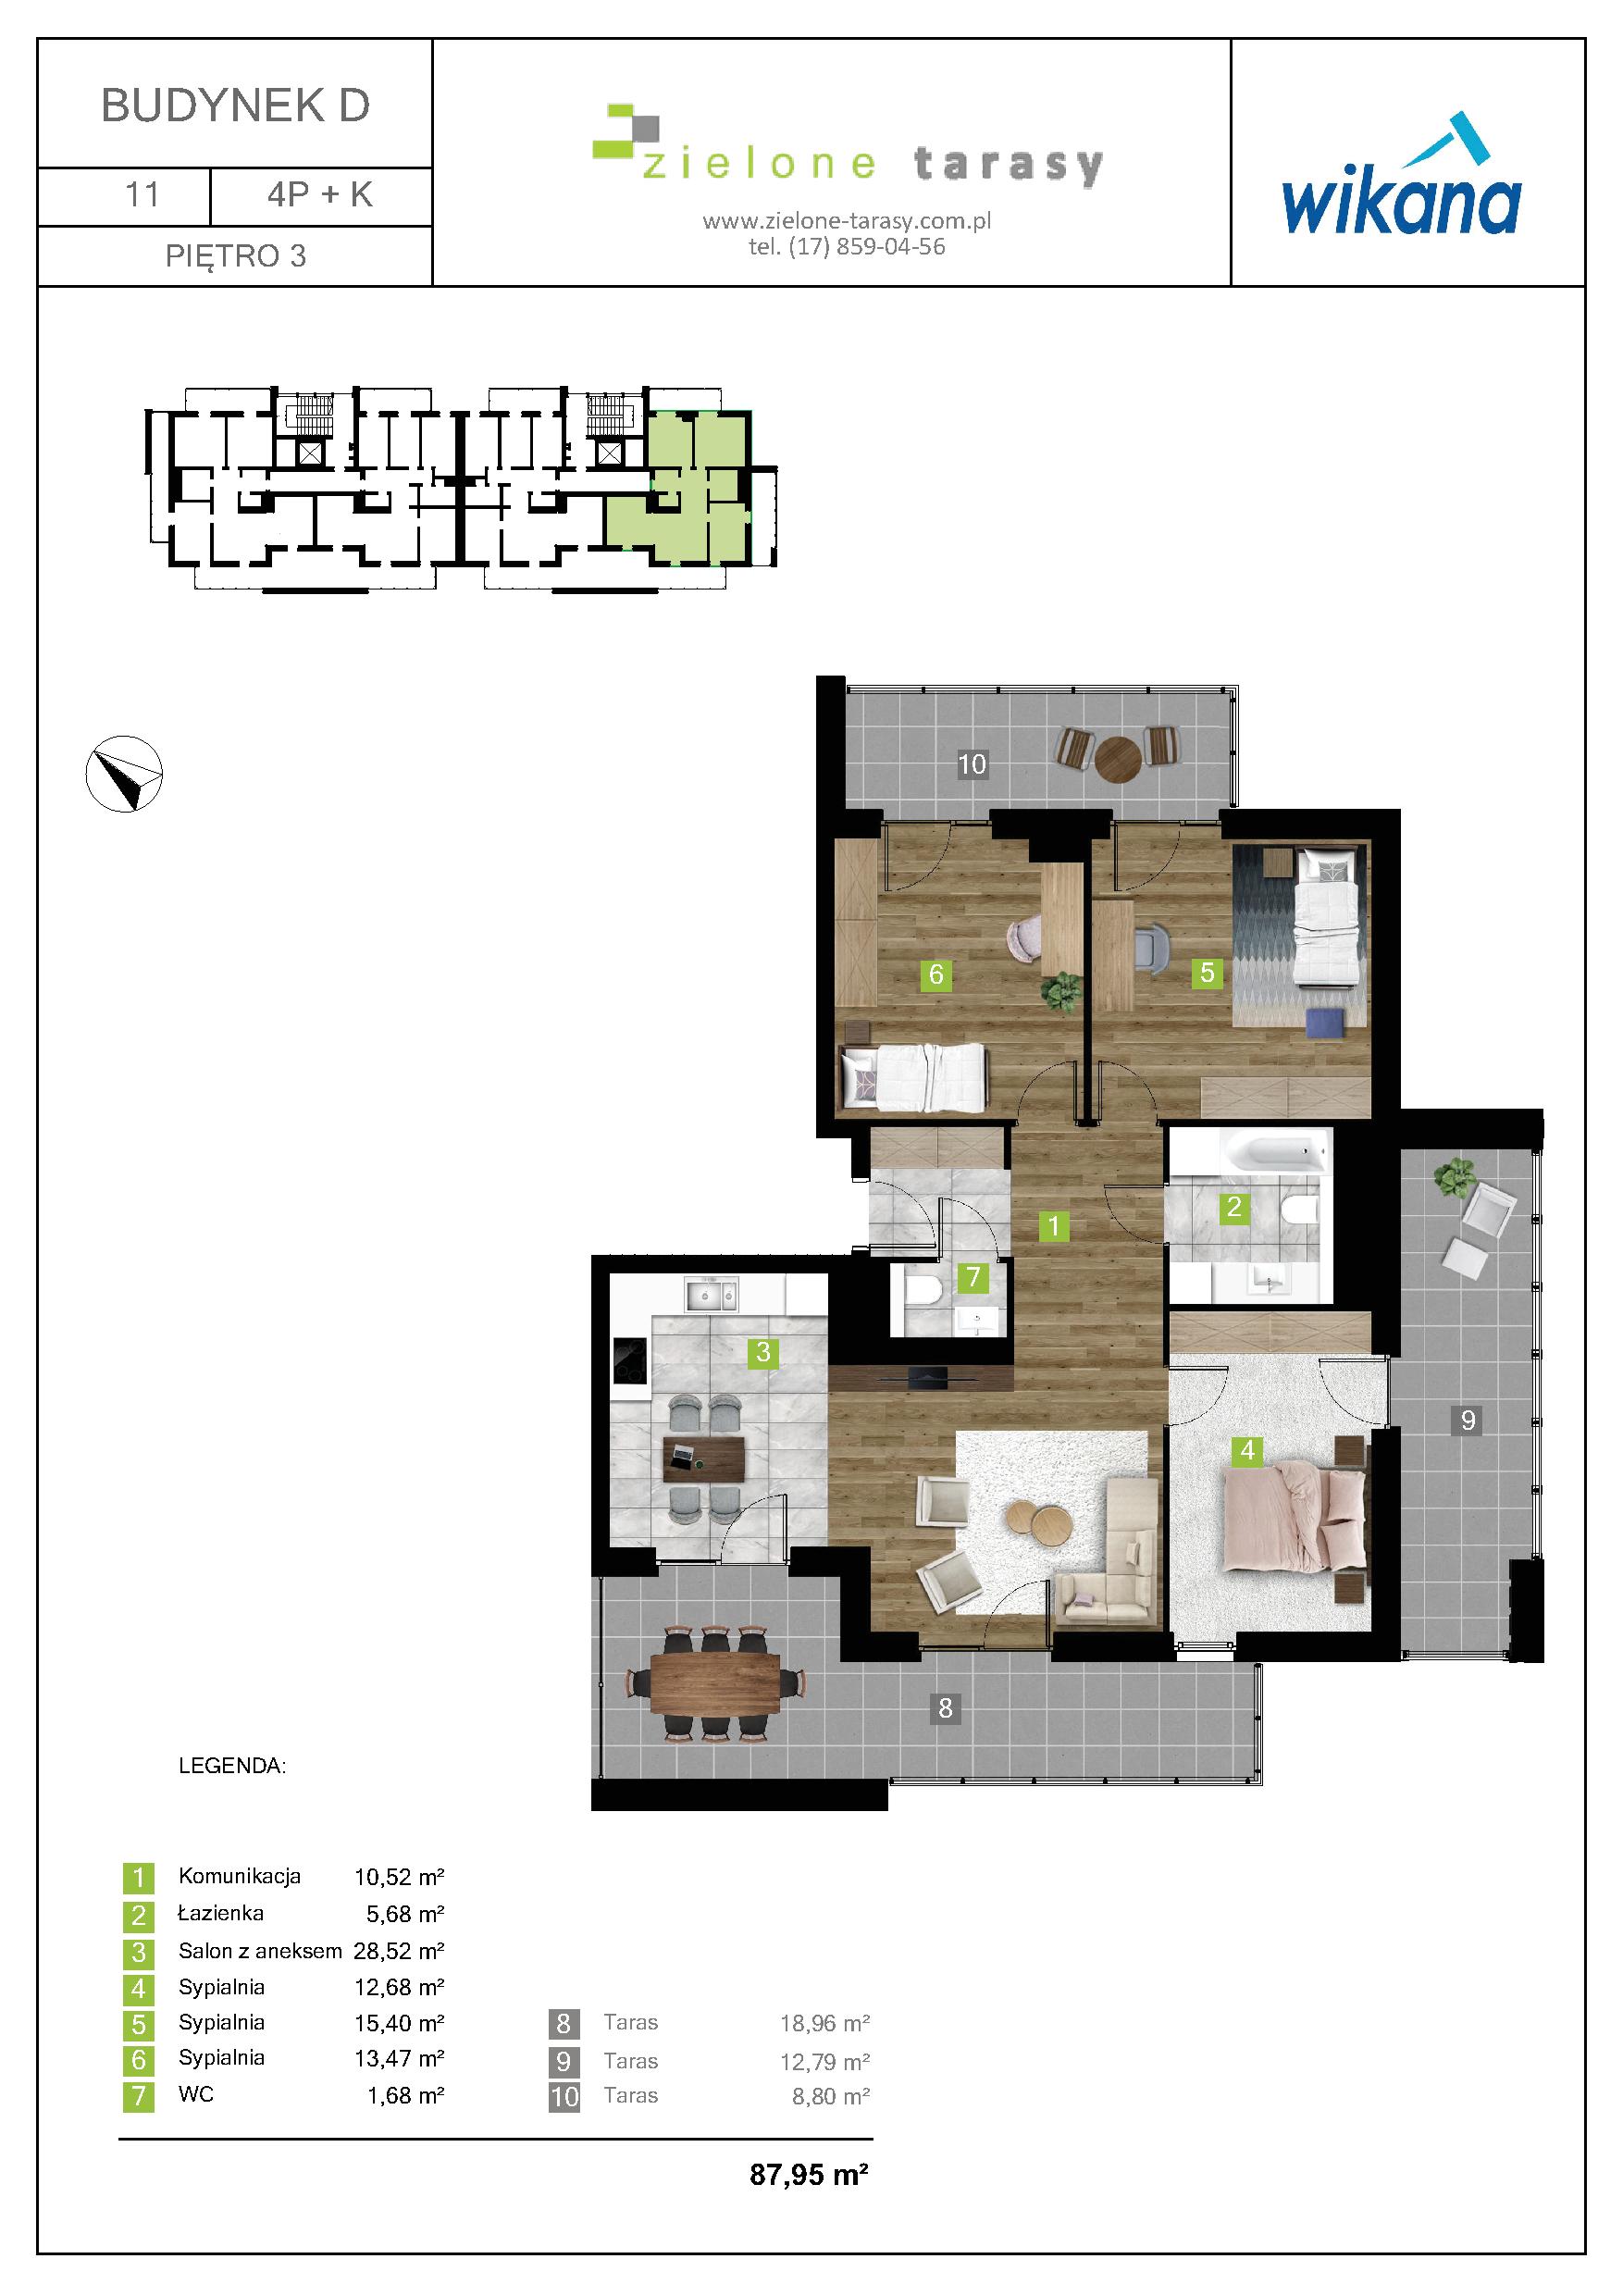 sprzedaż mieszkań rzeszów - D-11